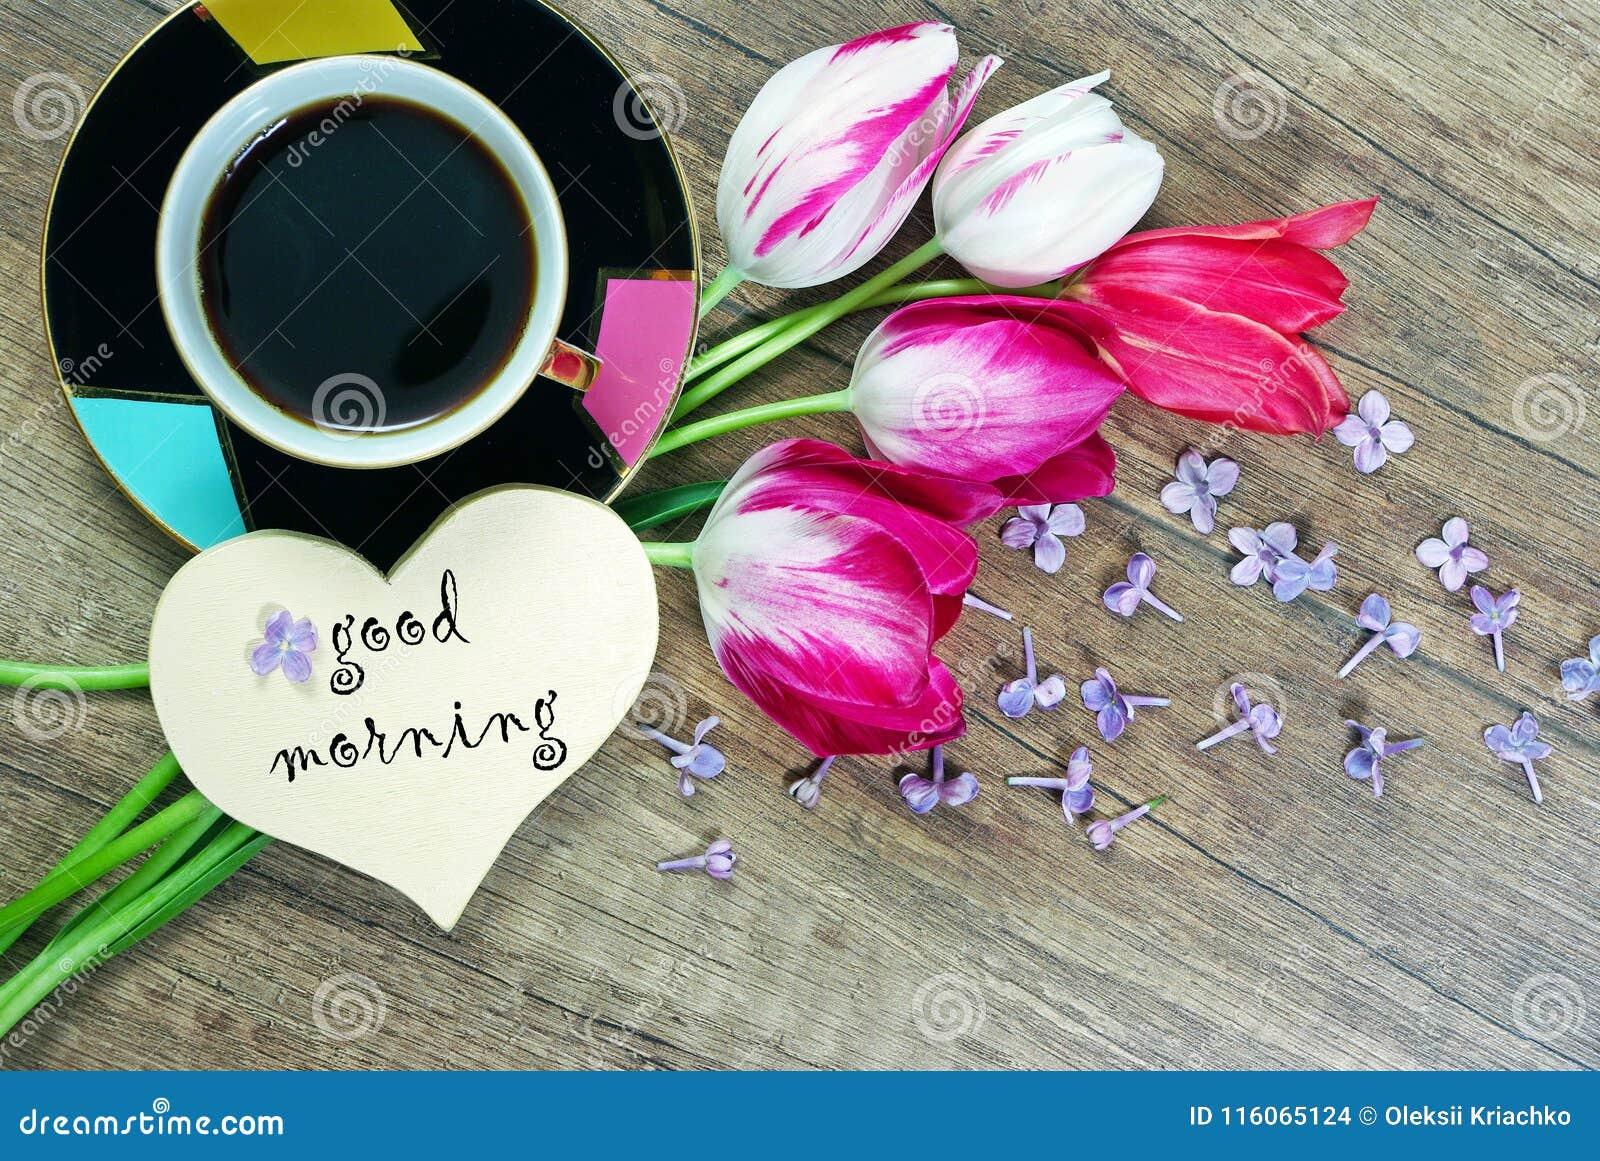 Buenos días café y tulipanes de la mañana en una tabla de madera